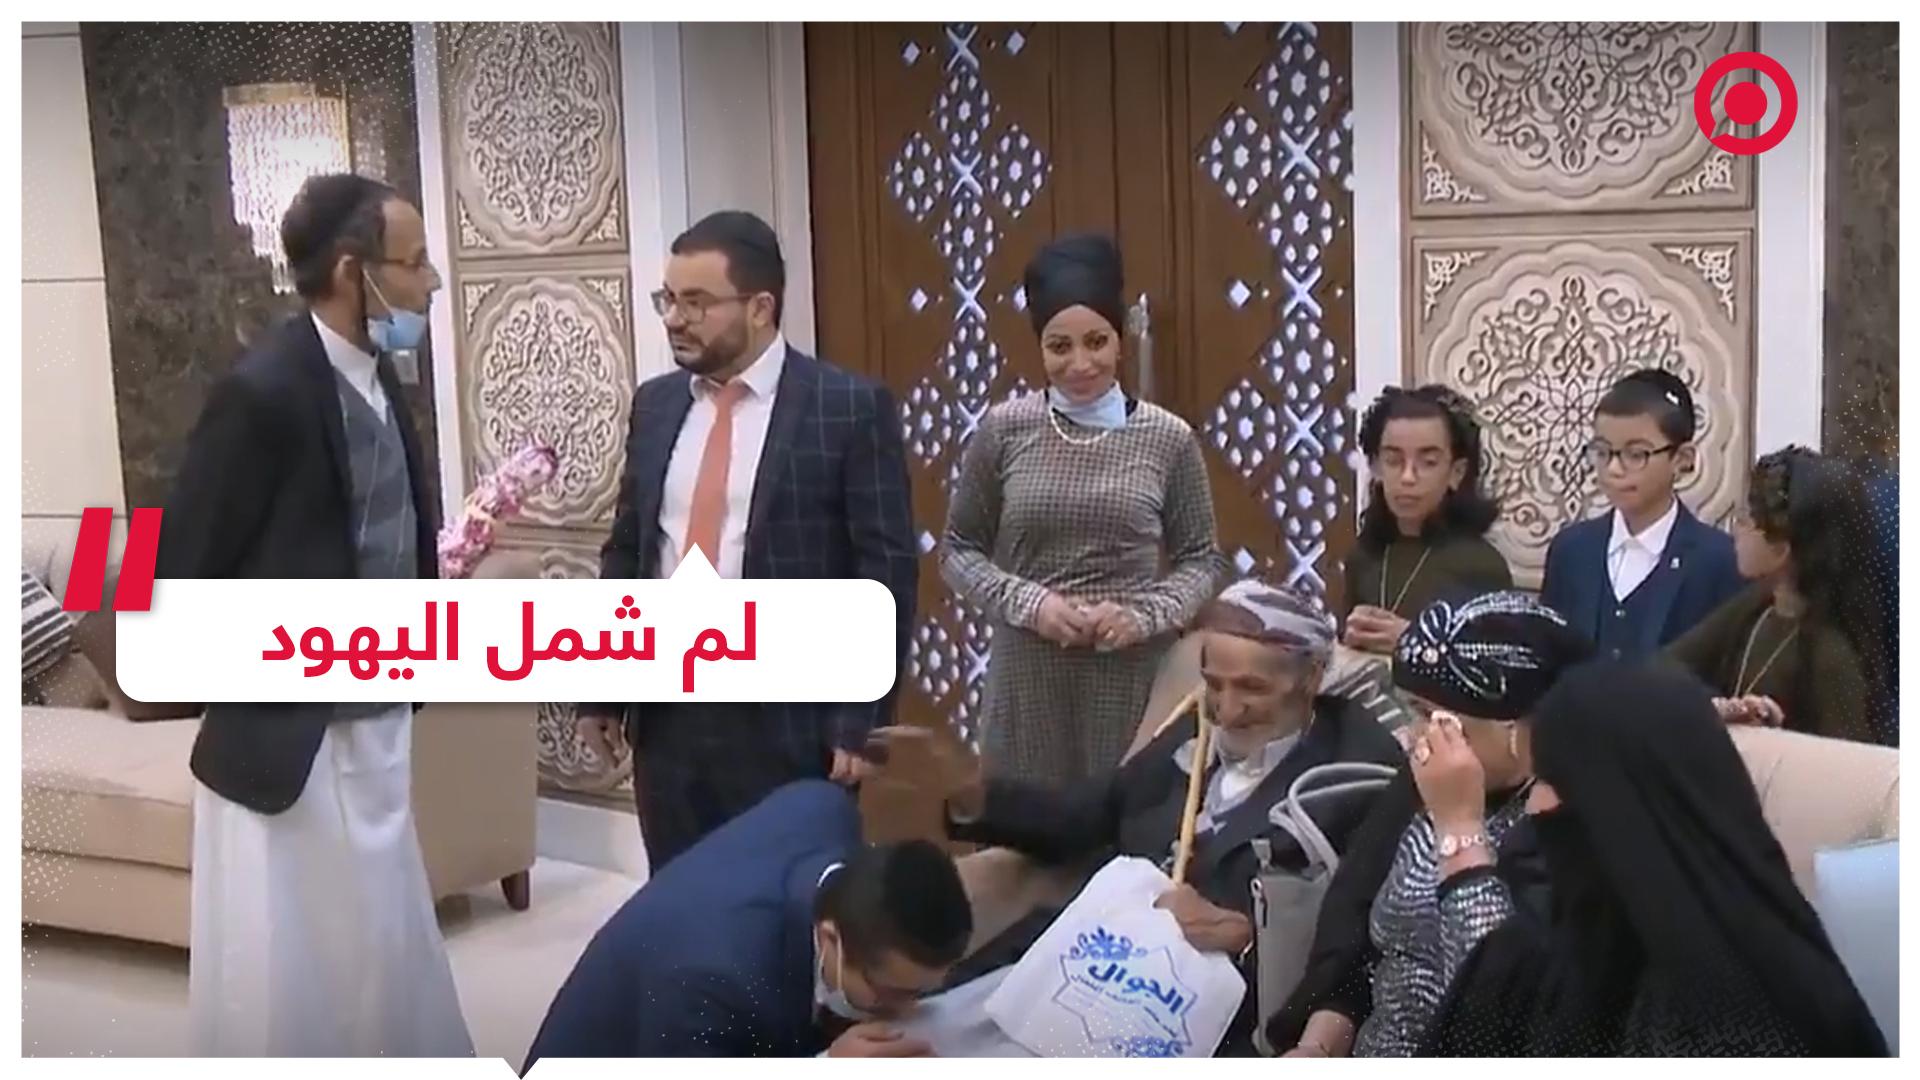 الإمارات تجمع شمل عائلتين يهوديتين على أراضيها